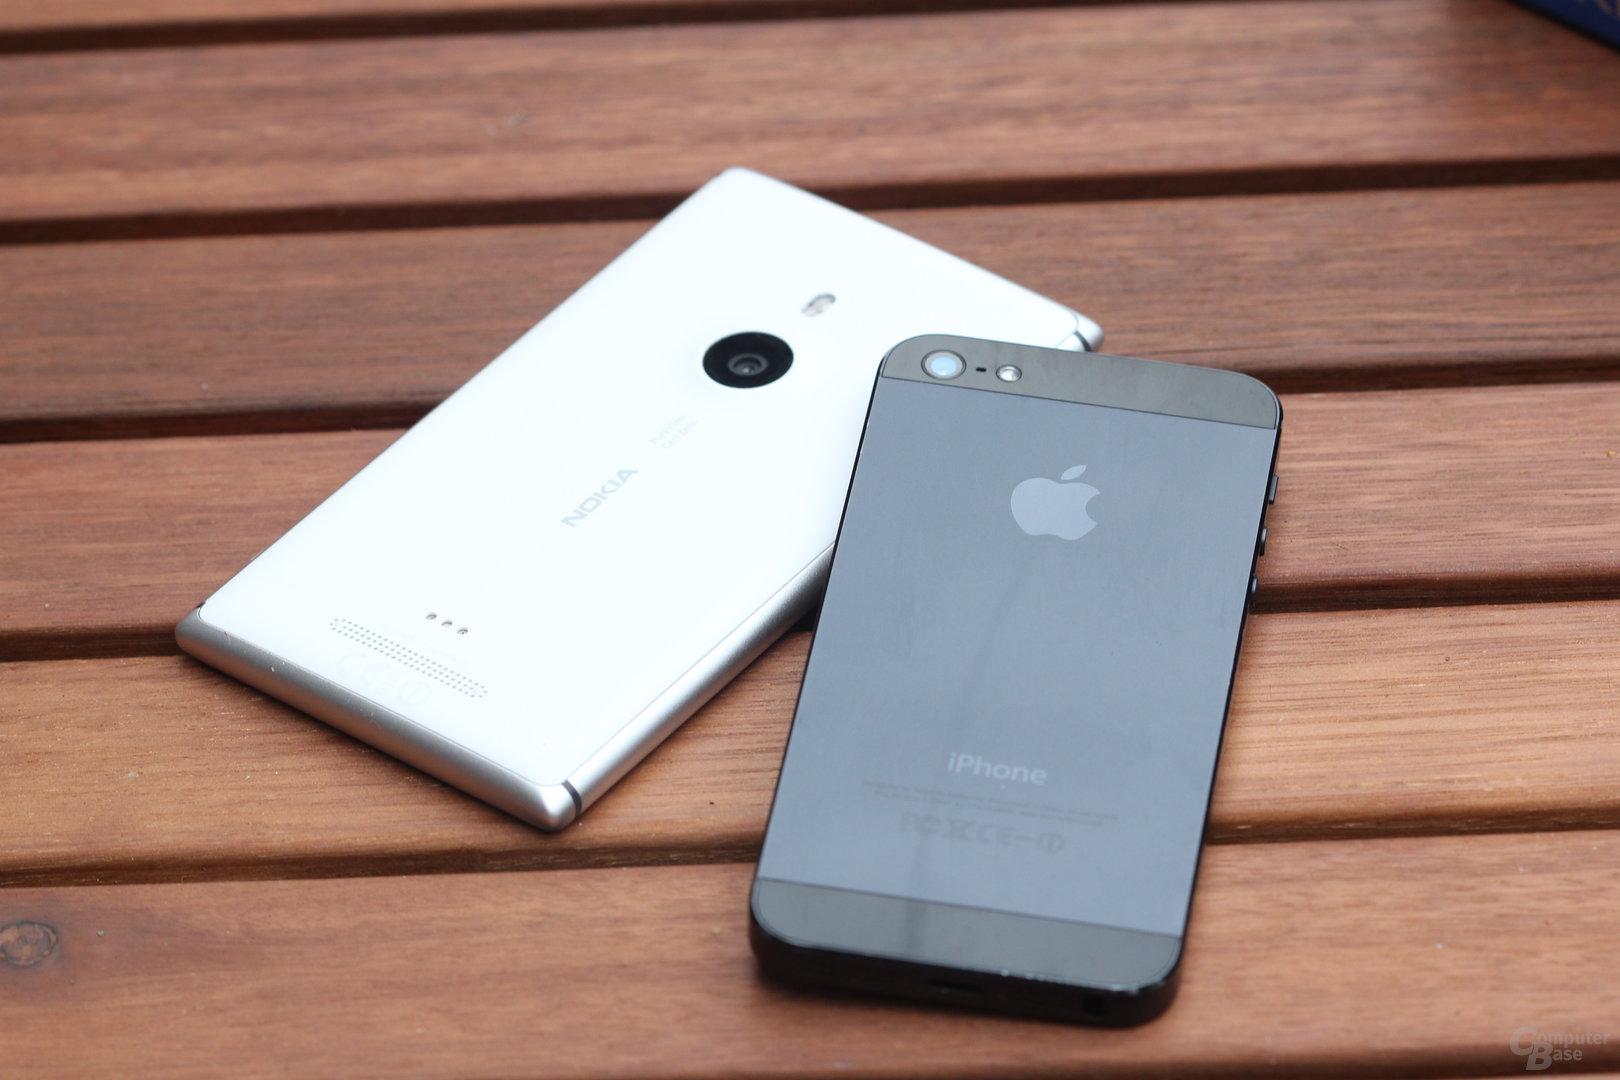 Nokia Lumia 925 vs. Apple iPhone 5